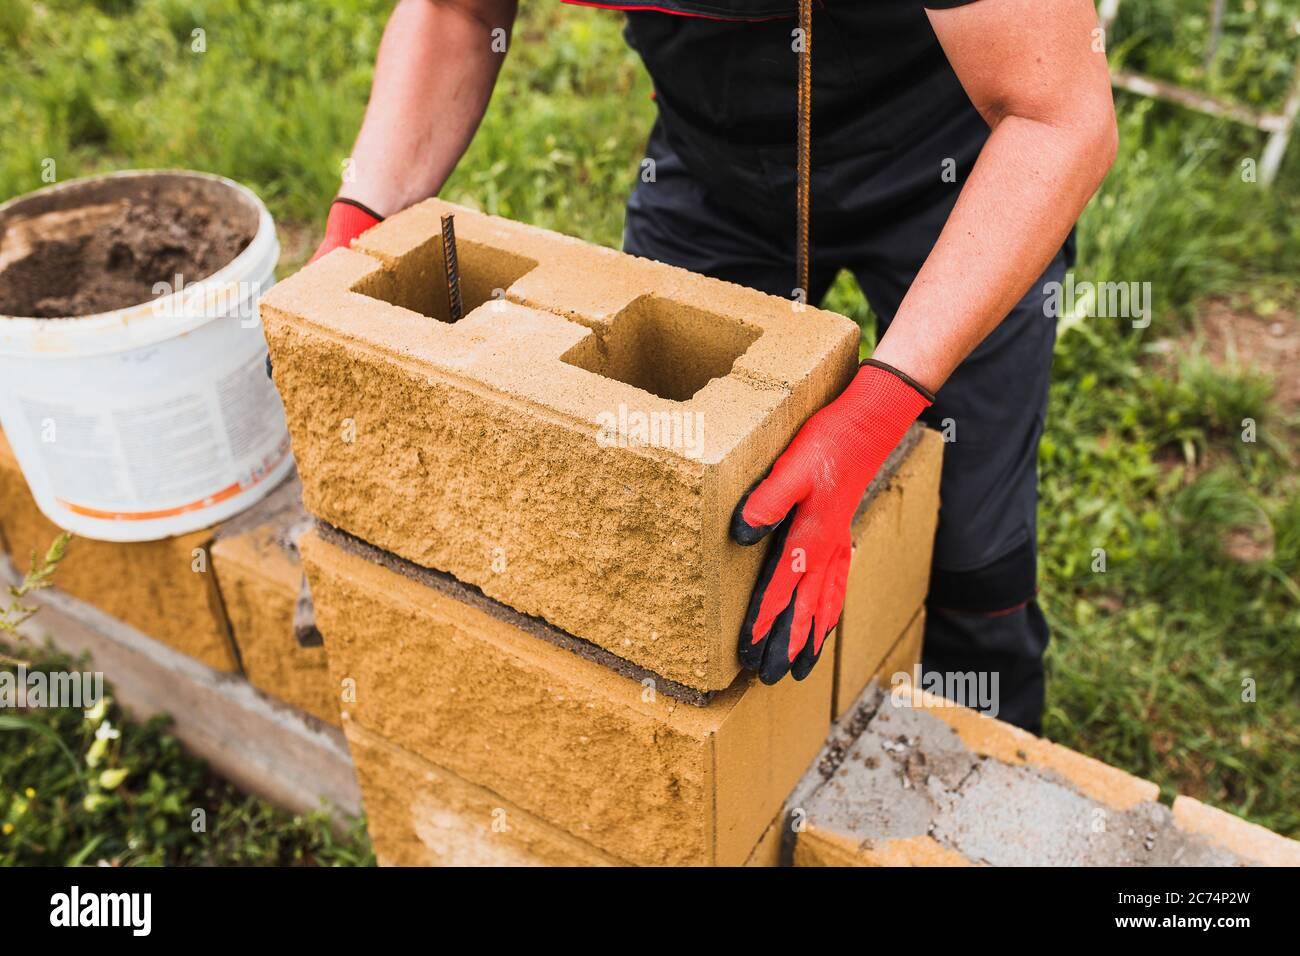 El trabajo duro de un constructor - un profesional de ladrillo hábilmente construye paredes de ladrillo y bloque de concreto Foto de stock